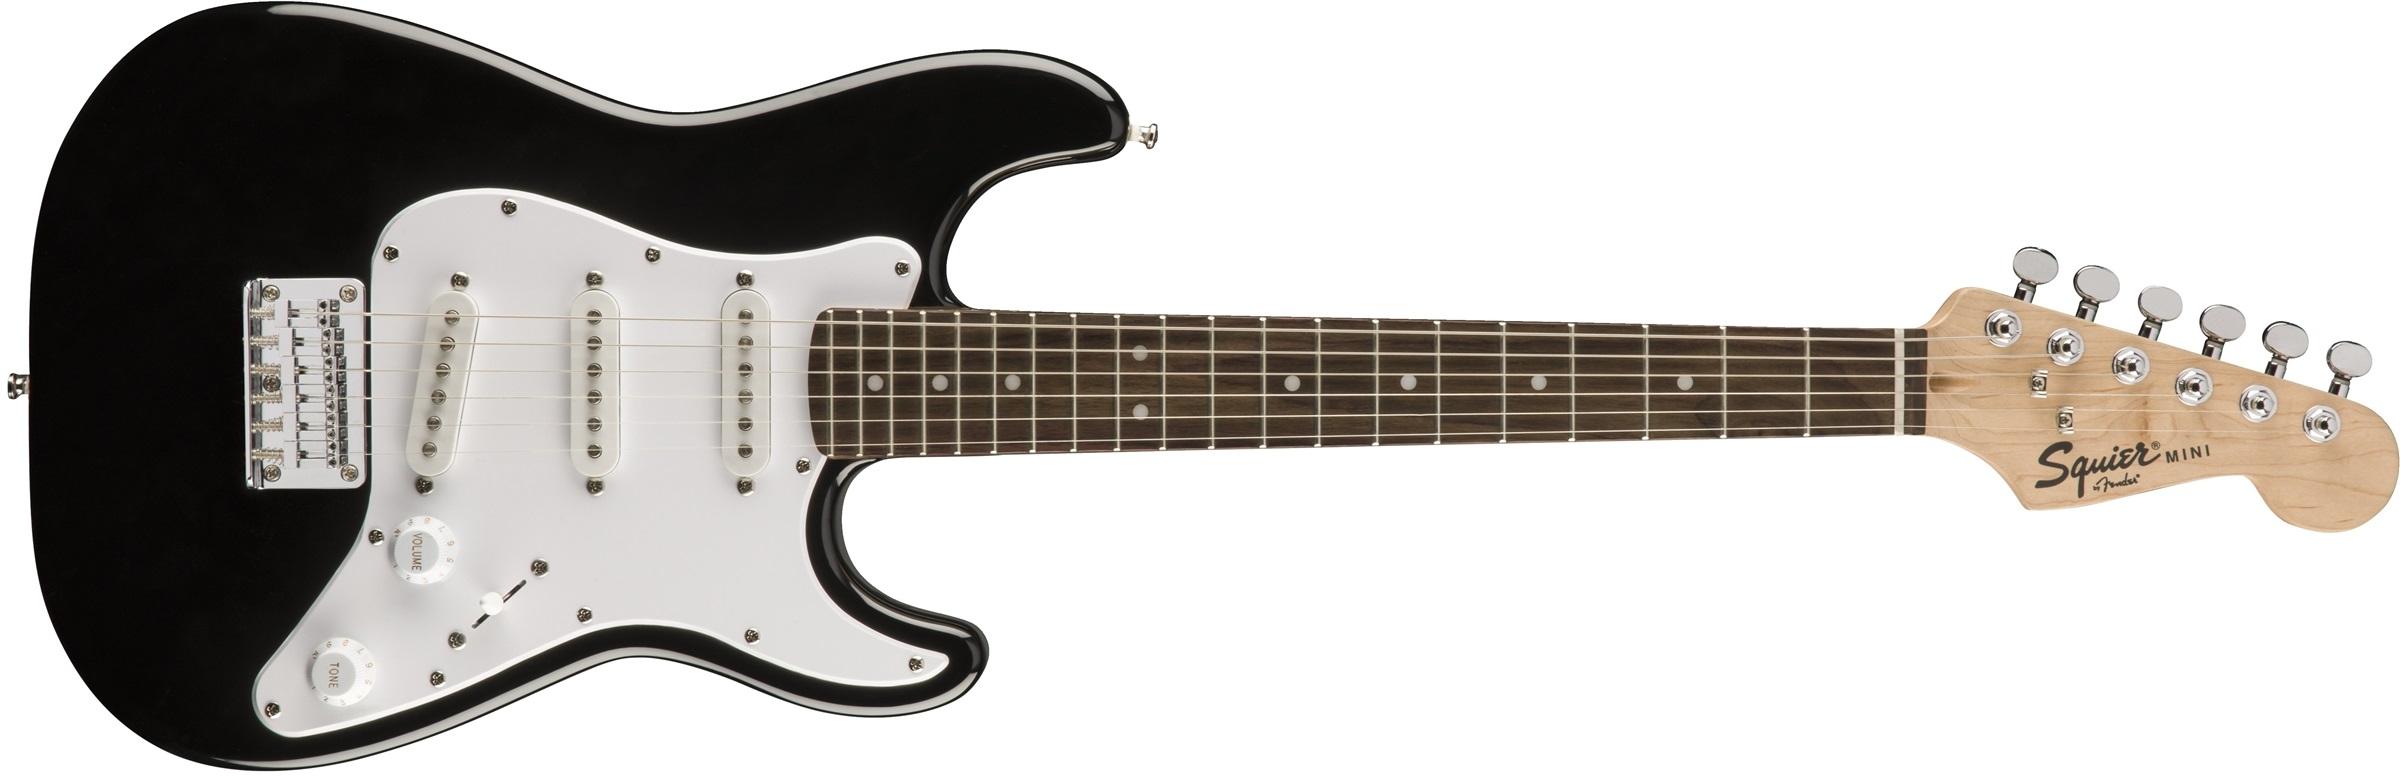 Fender Squier Mini Stratocaster RW BLK